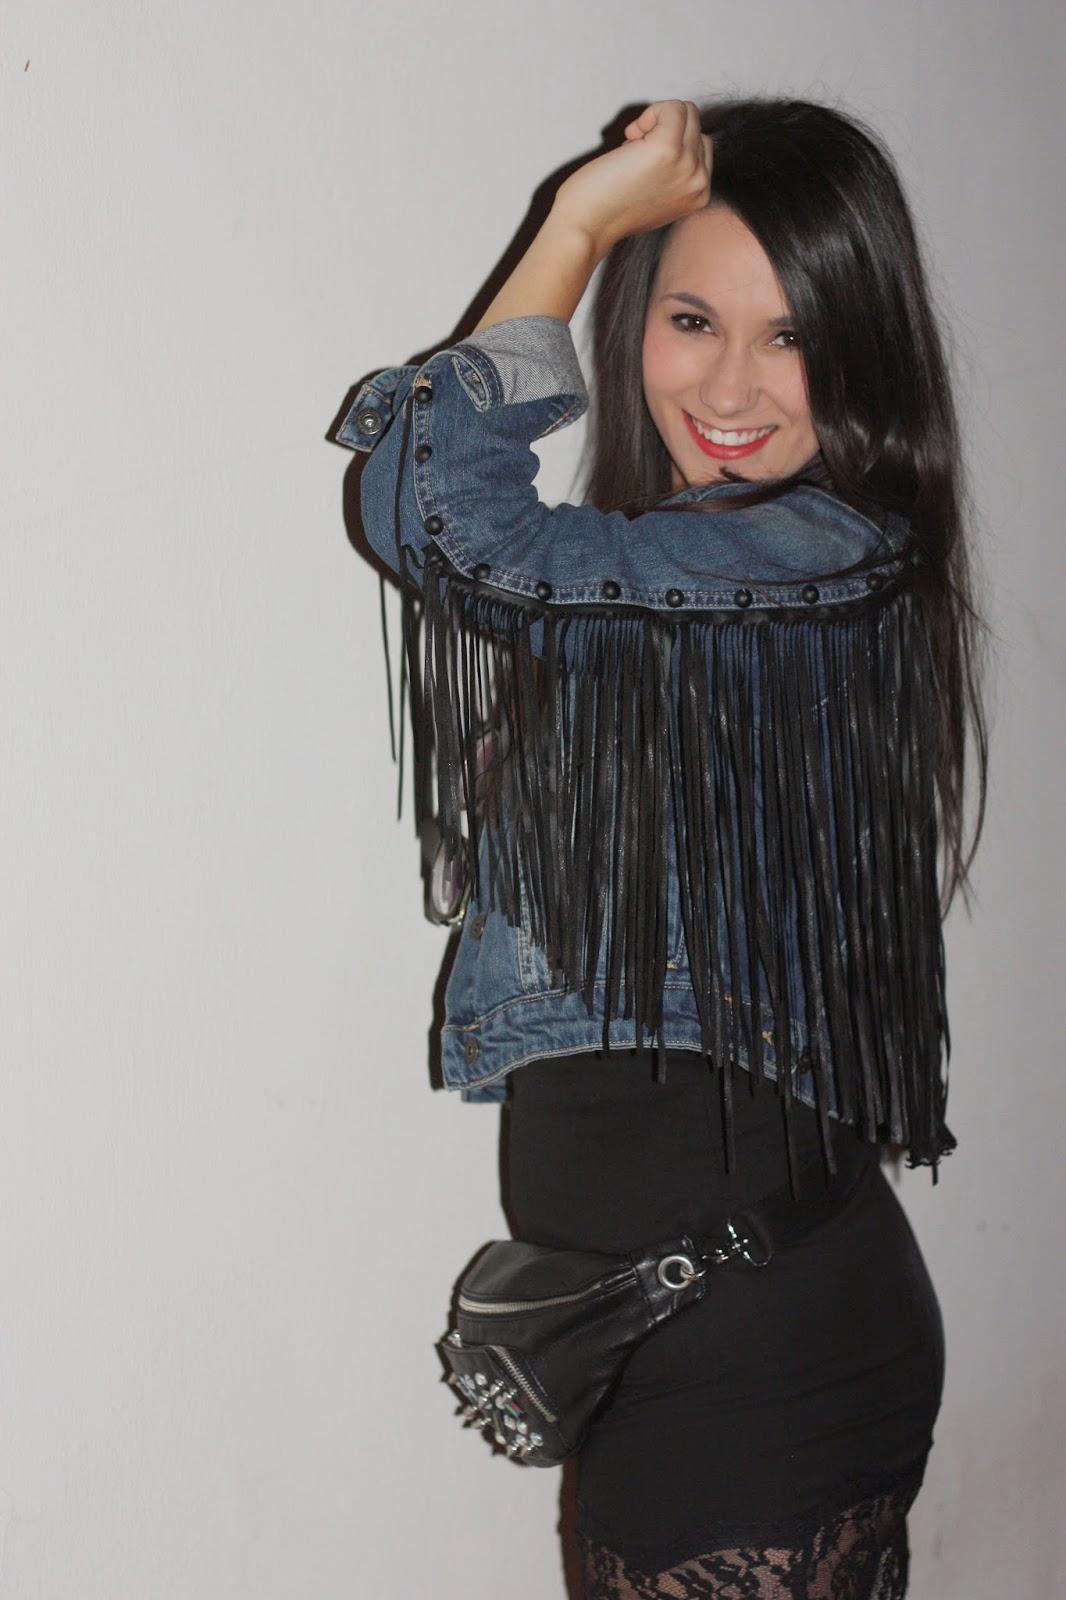 http://silviparalasamigas.blogspot.com.es/2014/05/vestido-lencero-zara-denim.html